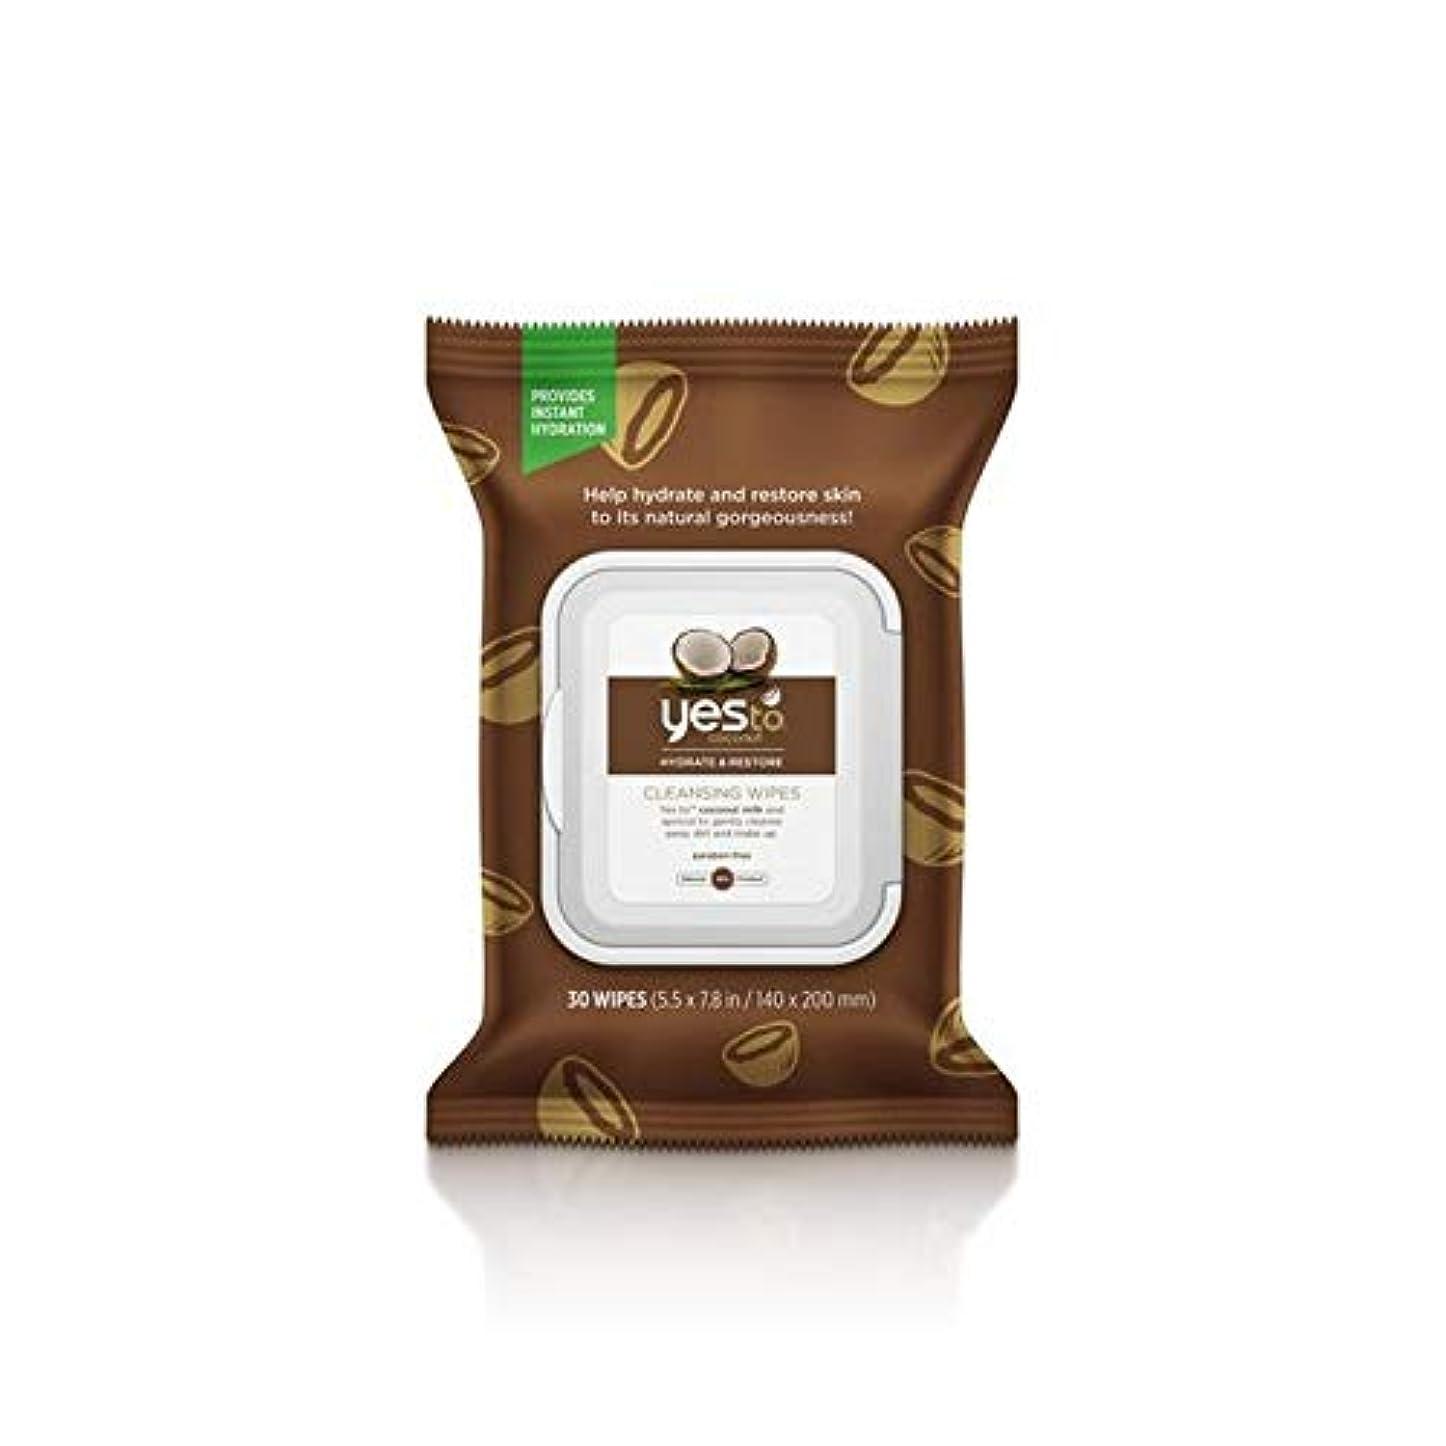 更新するエンジンブランド[YES TO! ] はいココナッツクレンジング顔にパックあたり25ワイプ - Yes To Coconut Cleansing Face Wipes 25 per pack [並行輸入品]